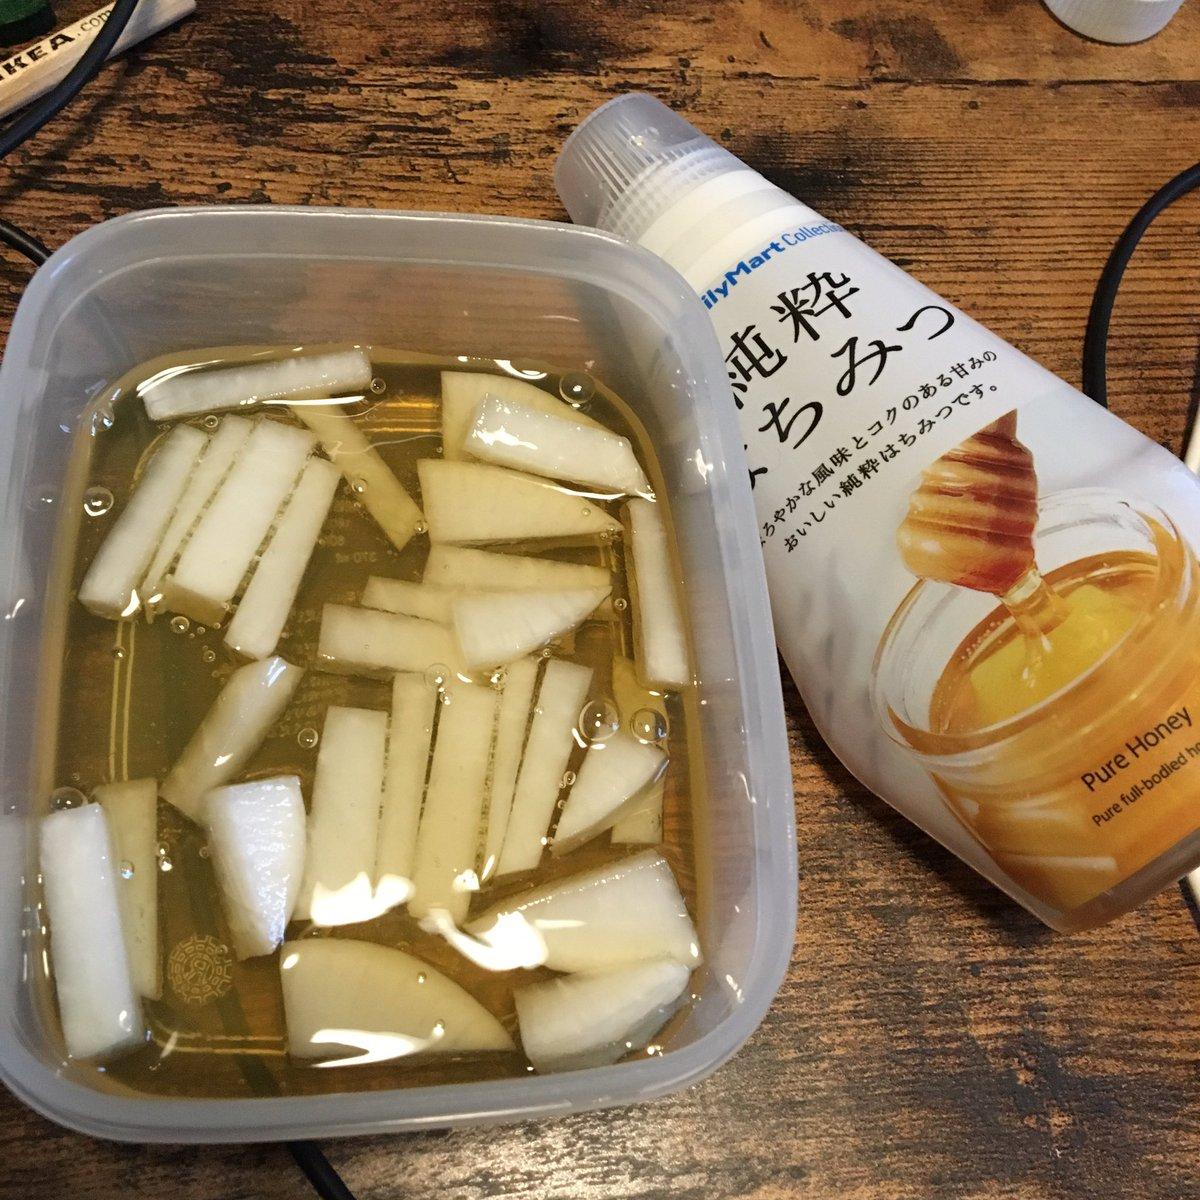 喉が潰れた人にオススメなのだが、切った大根に大量のハチミツをかけて放置すると謎の汁がドバドバ生成され…